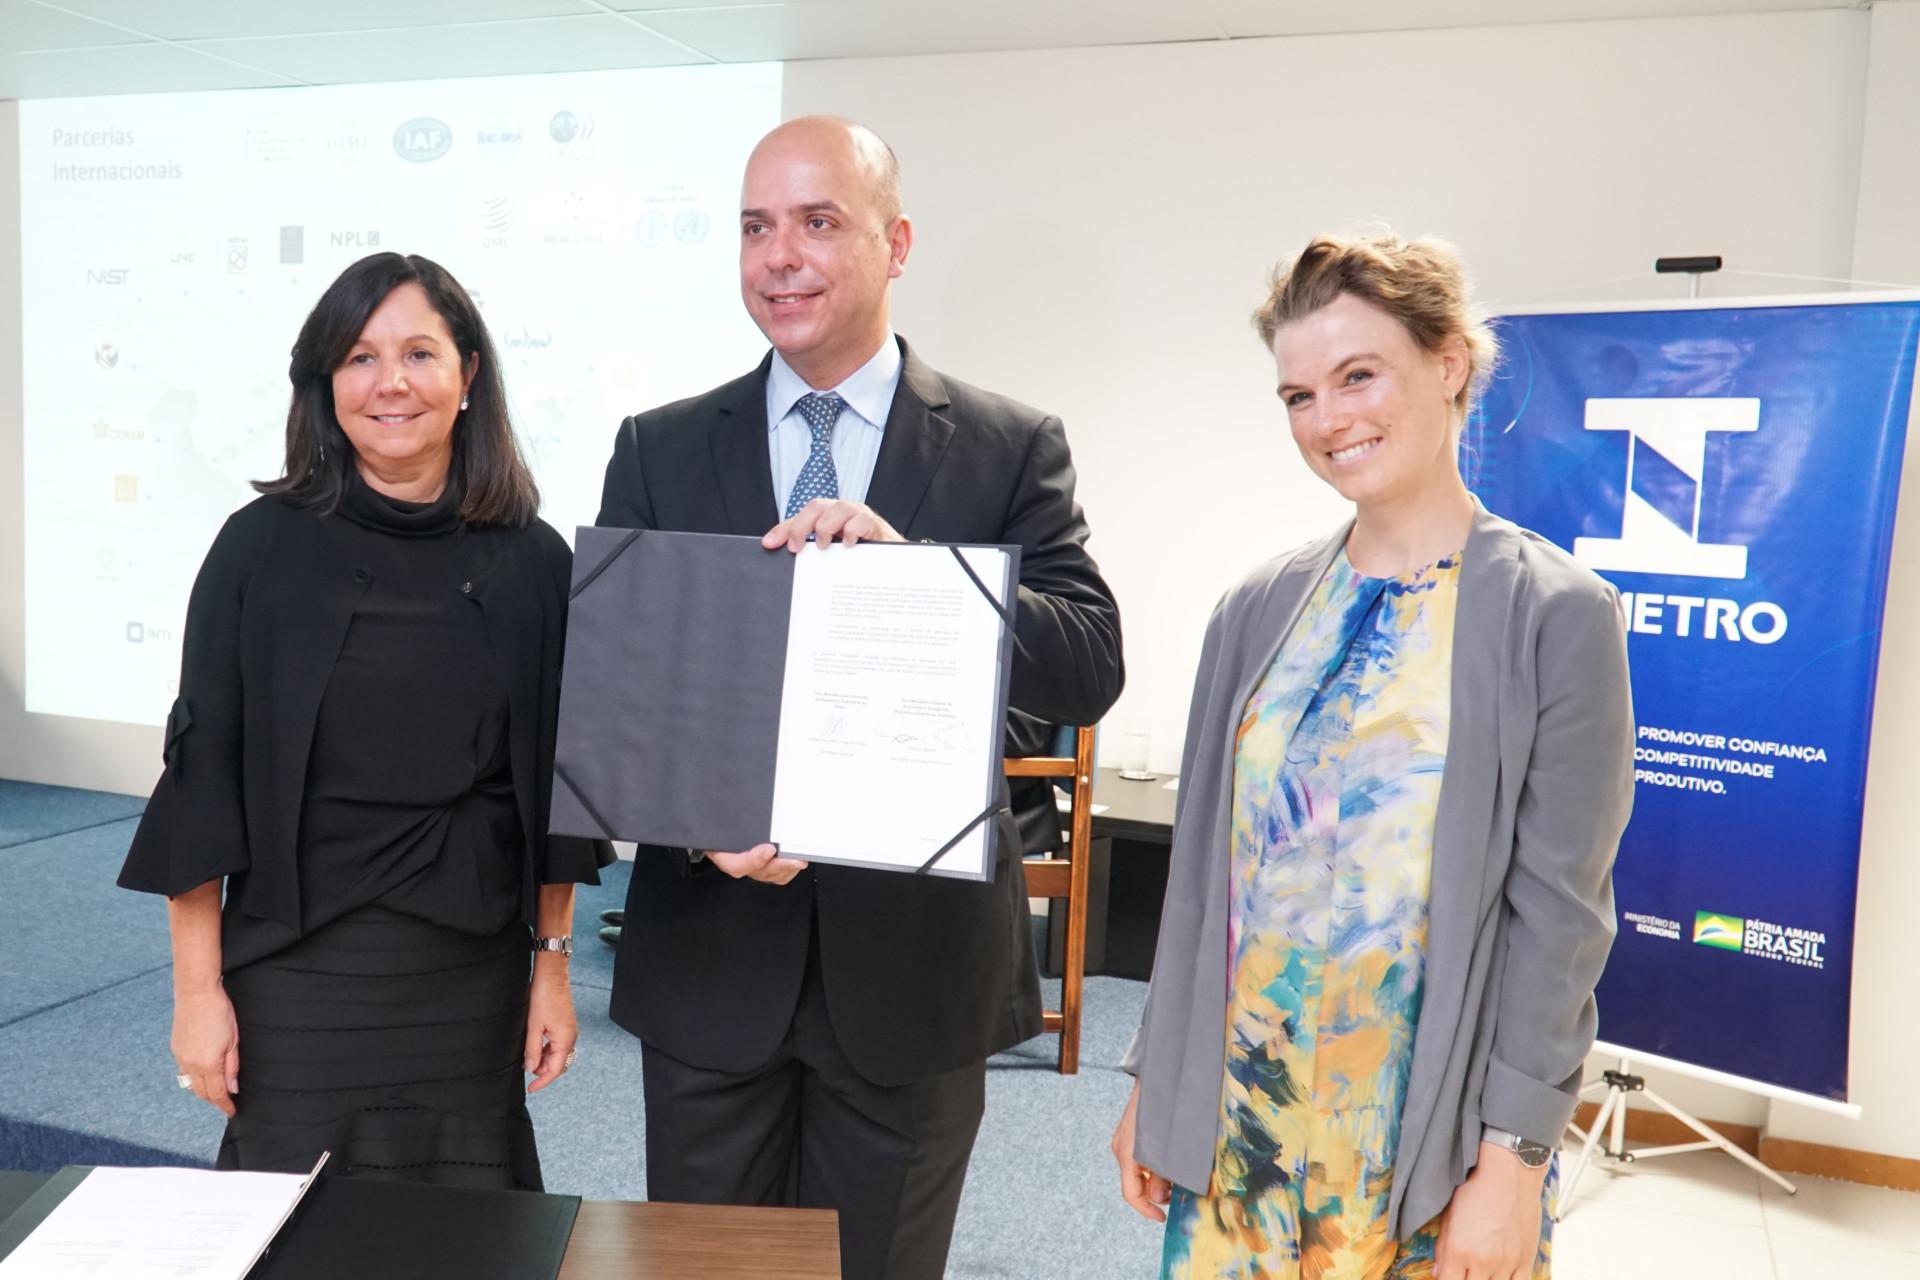 Lançamento do Conjunto de Medidas para a Promoção da Competitividade, Empreendedorismo e Proteção do Consumidor